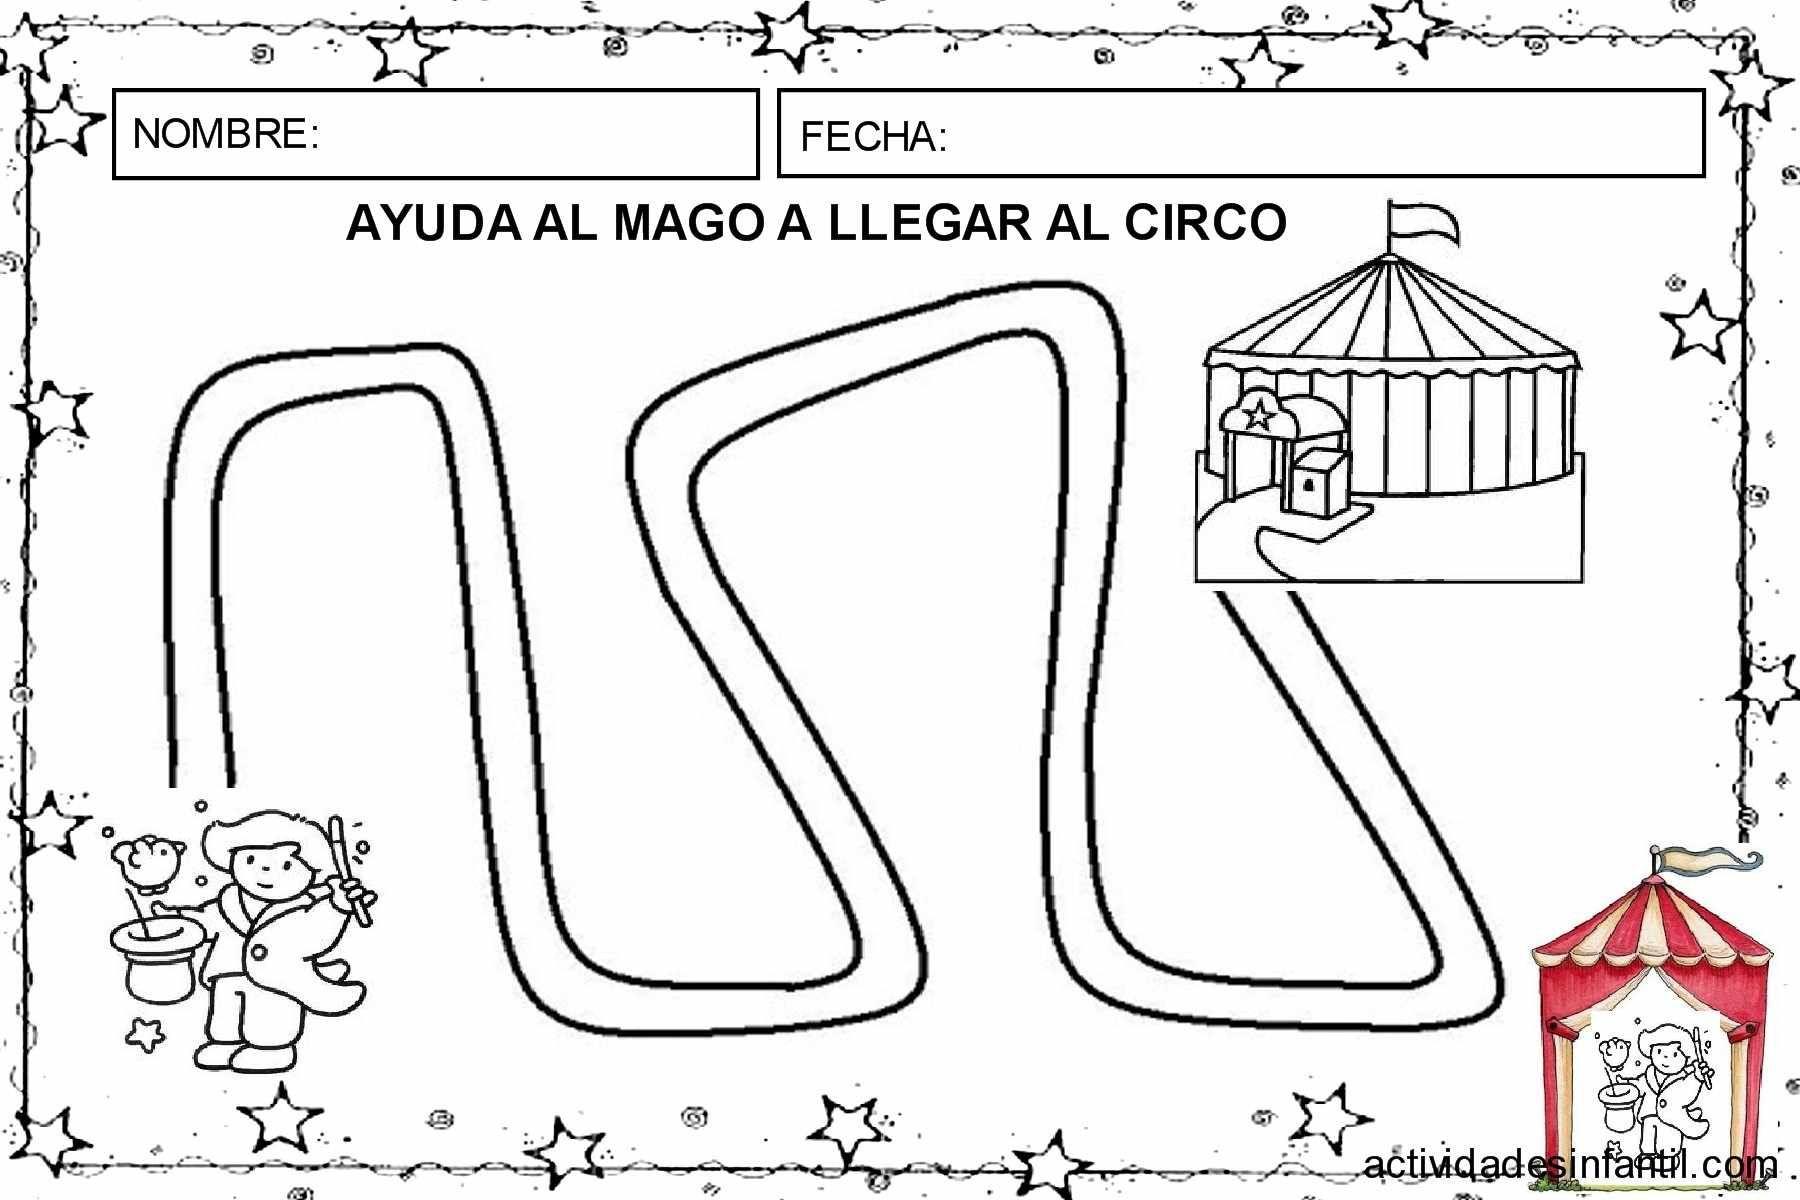 Dossier de trabajo: El circo de los magos (primera entrega) » Actividades infantil